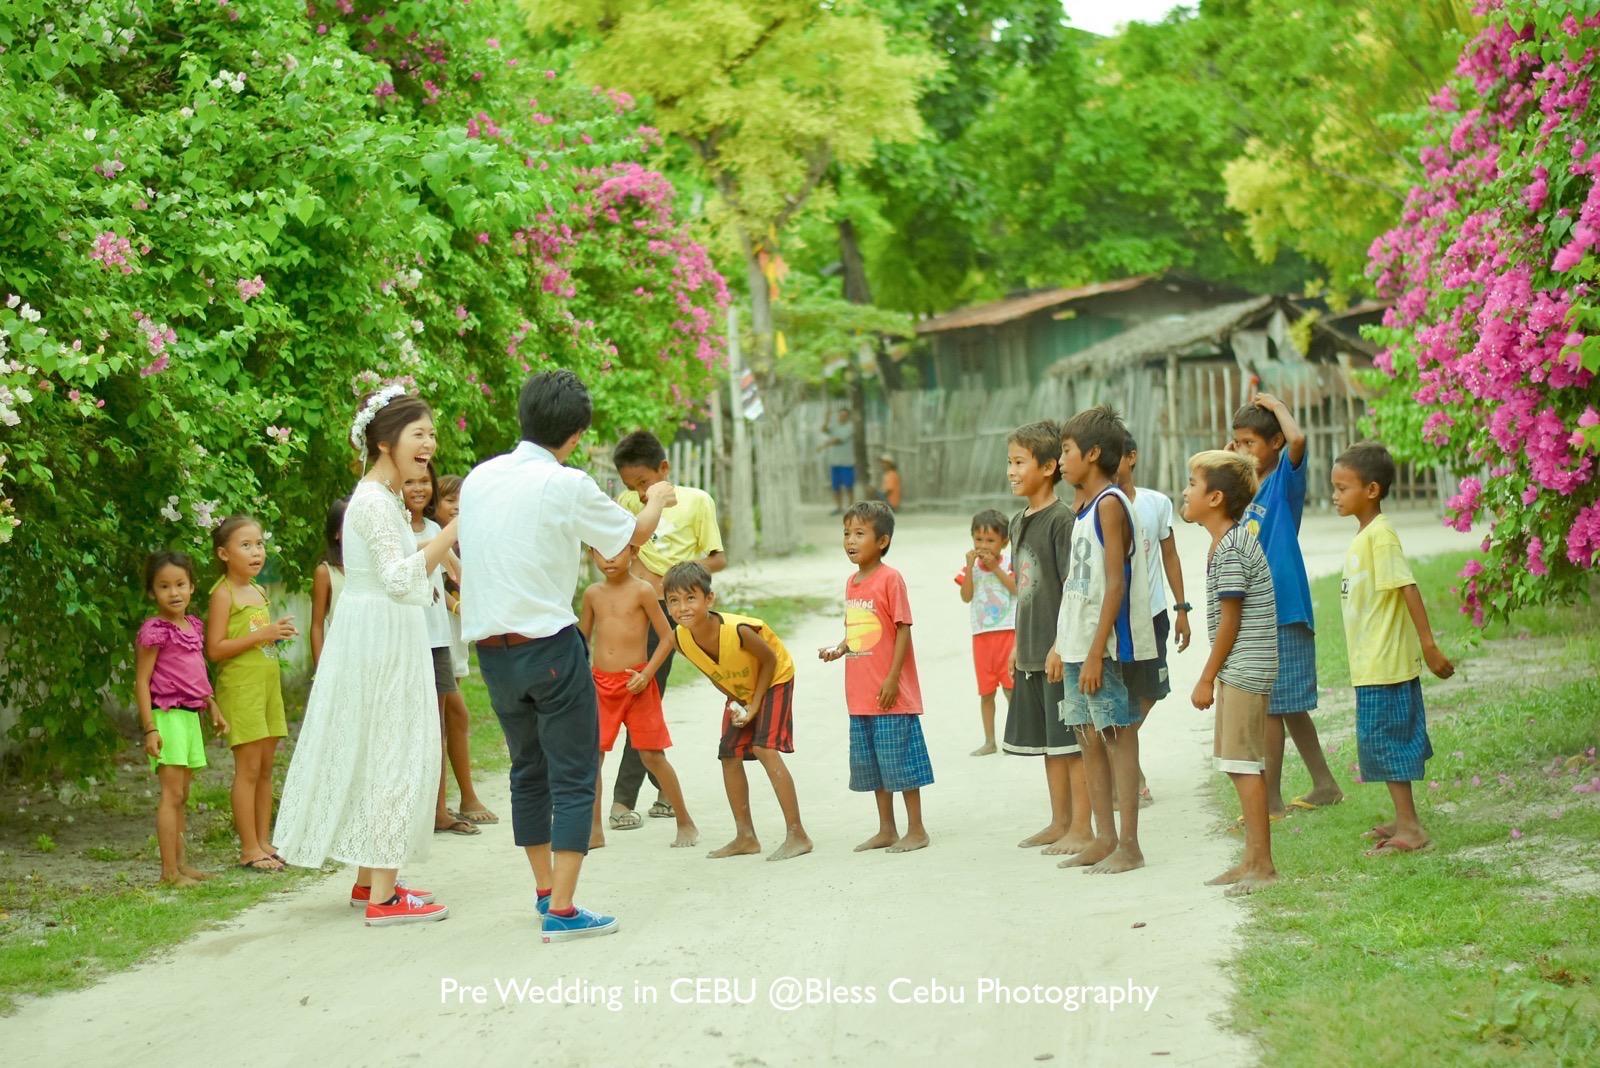 村フォトでは子供たちとハイタッチ!